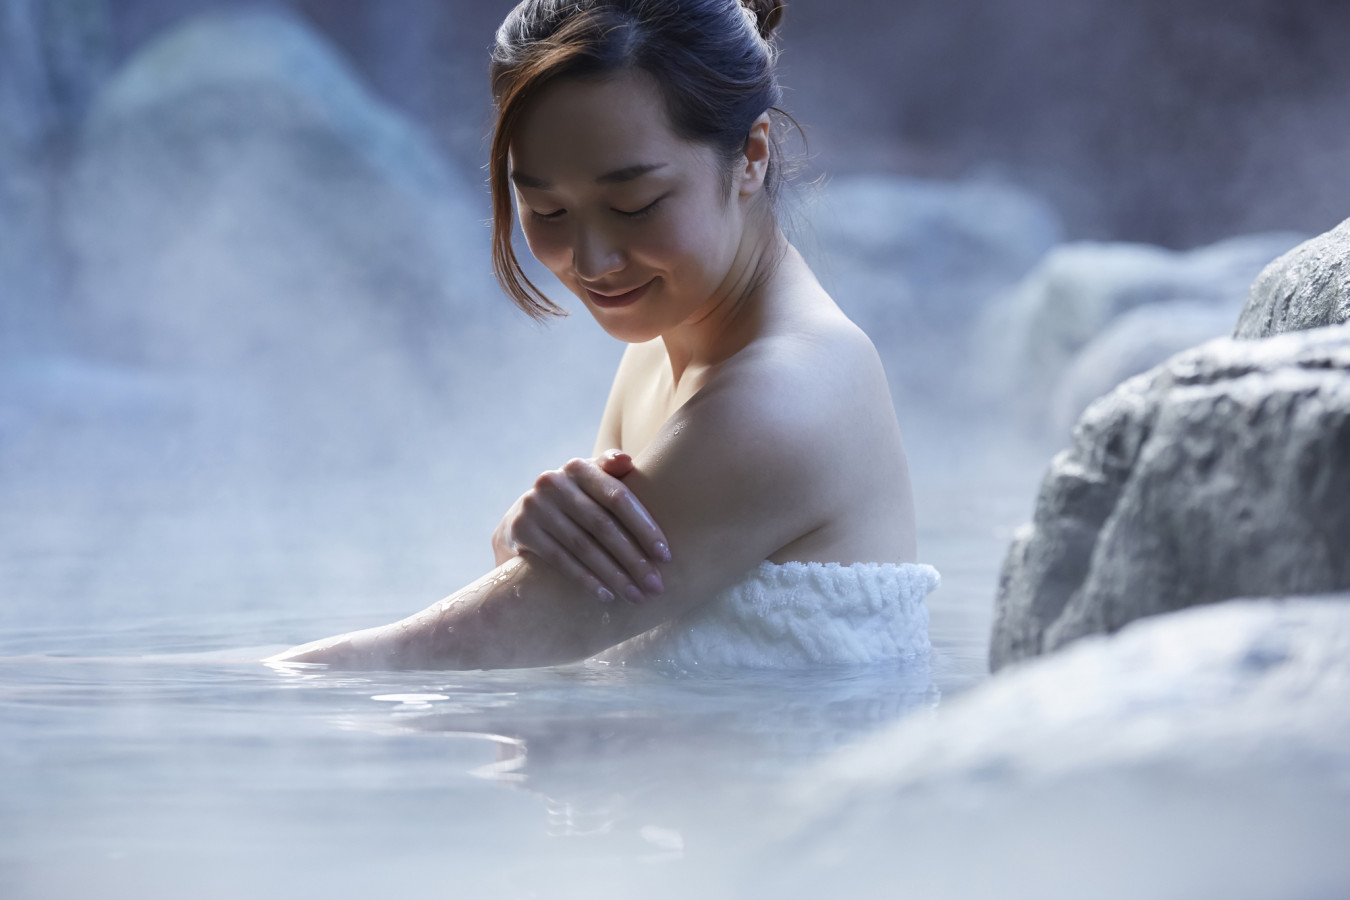 なぜ温泉に入ると美肌になるの?温泉ソムリエが徹底解説!